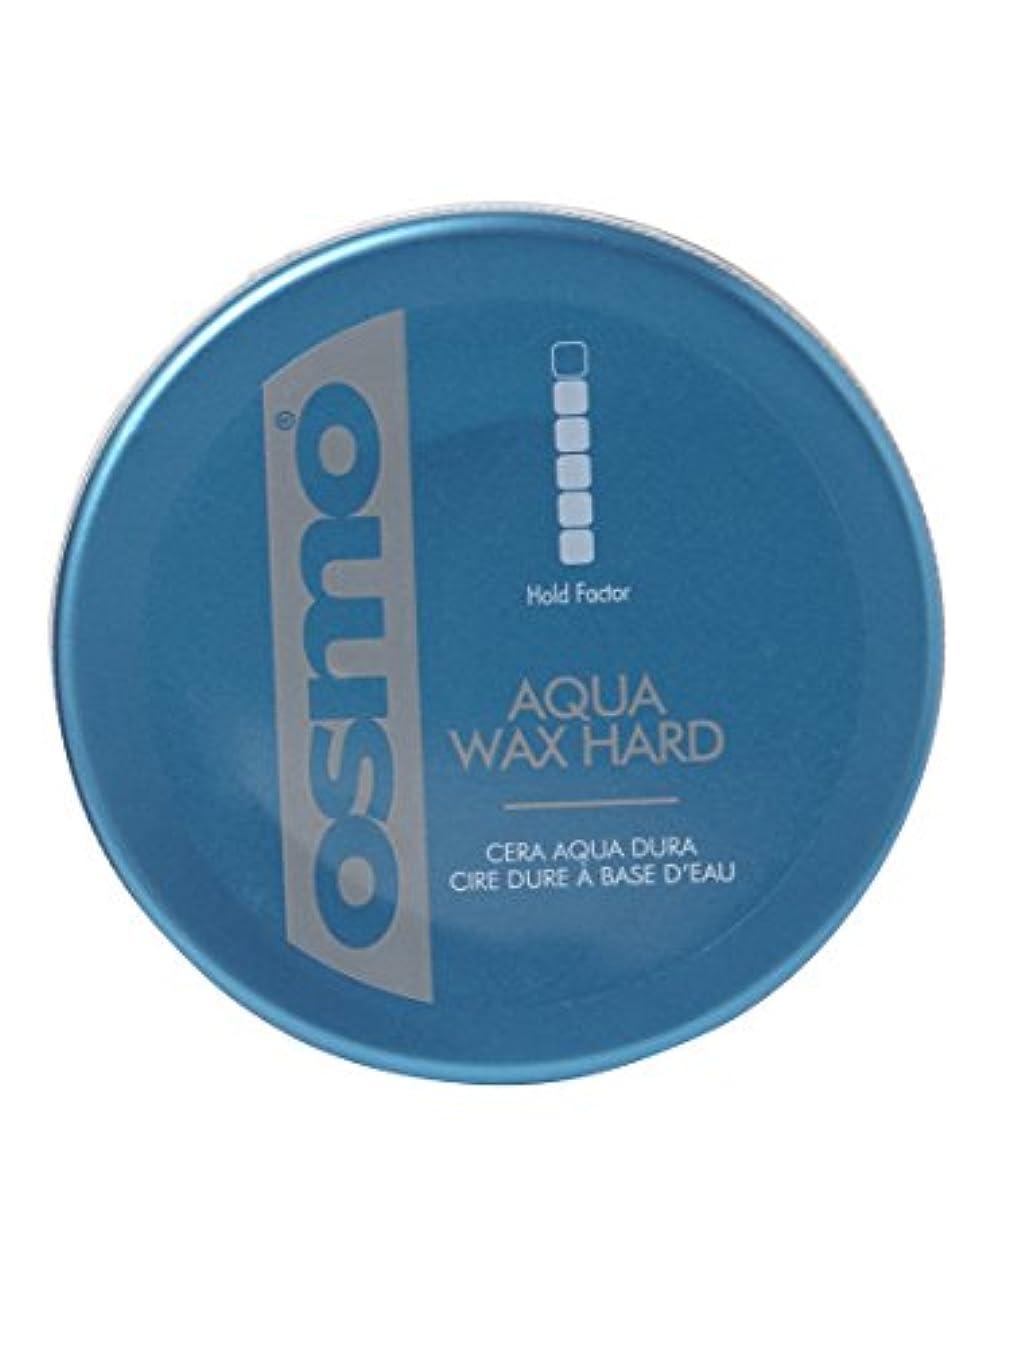 恥ずかしい再発するおばあさんOsmo Aqua Wax Hard - For An Incredible Shine And Strong Hold - 100ml